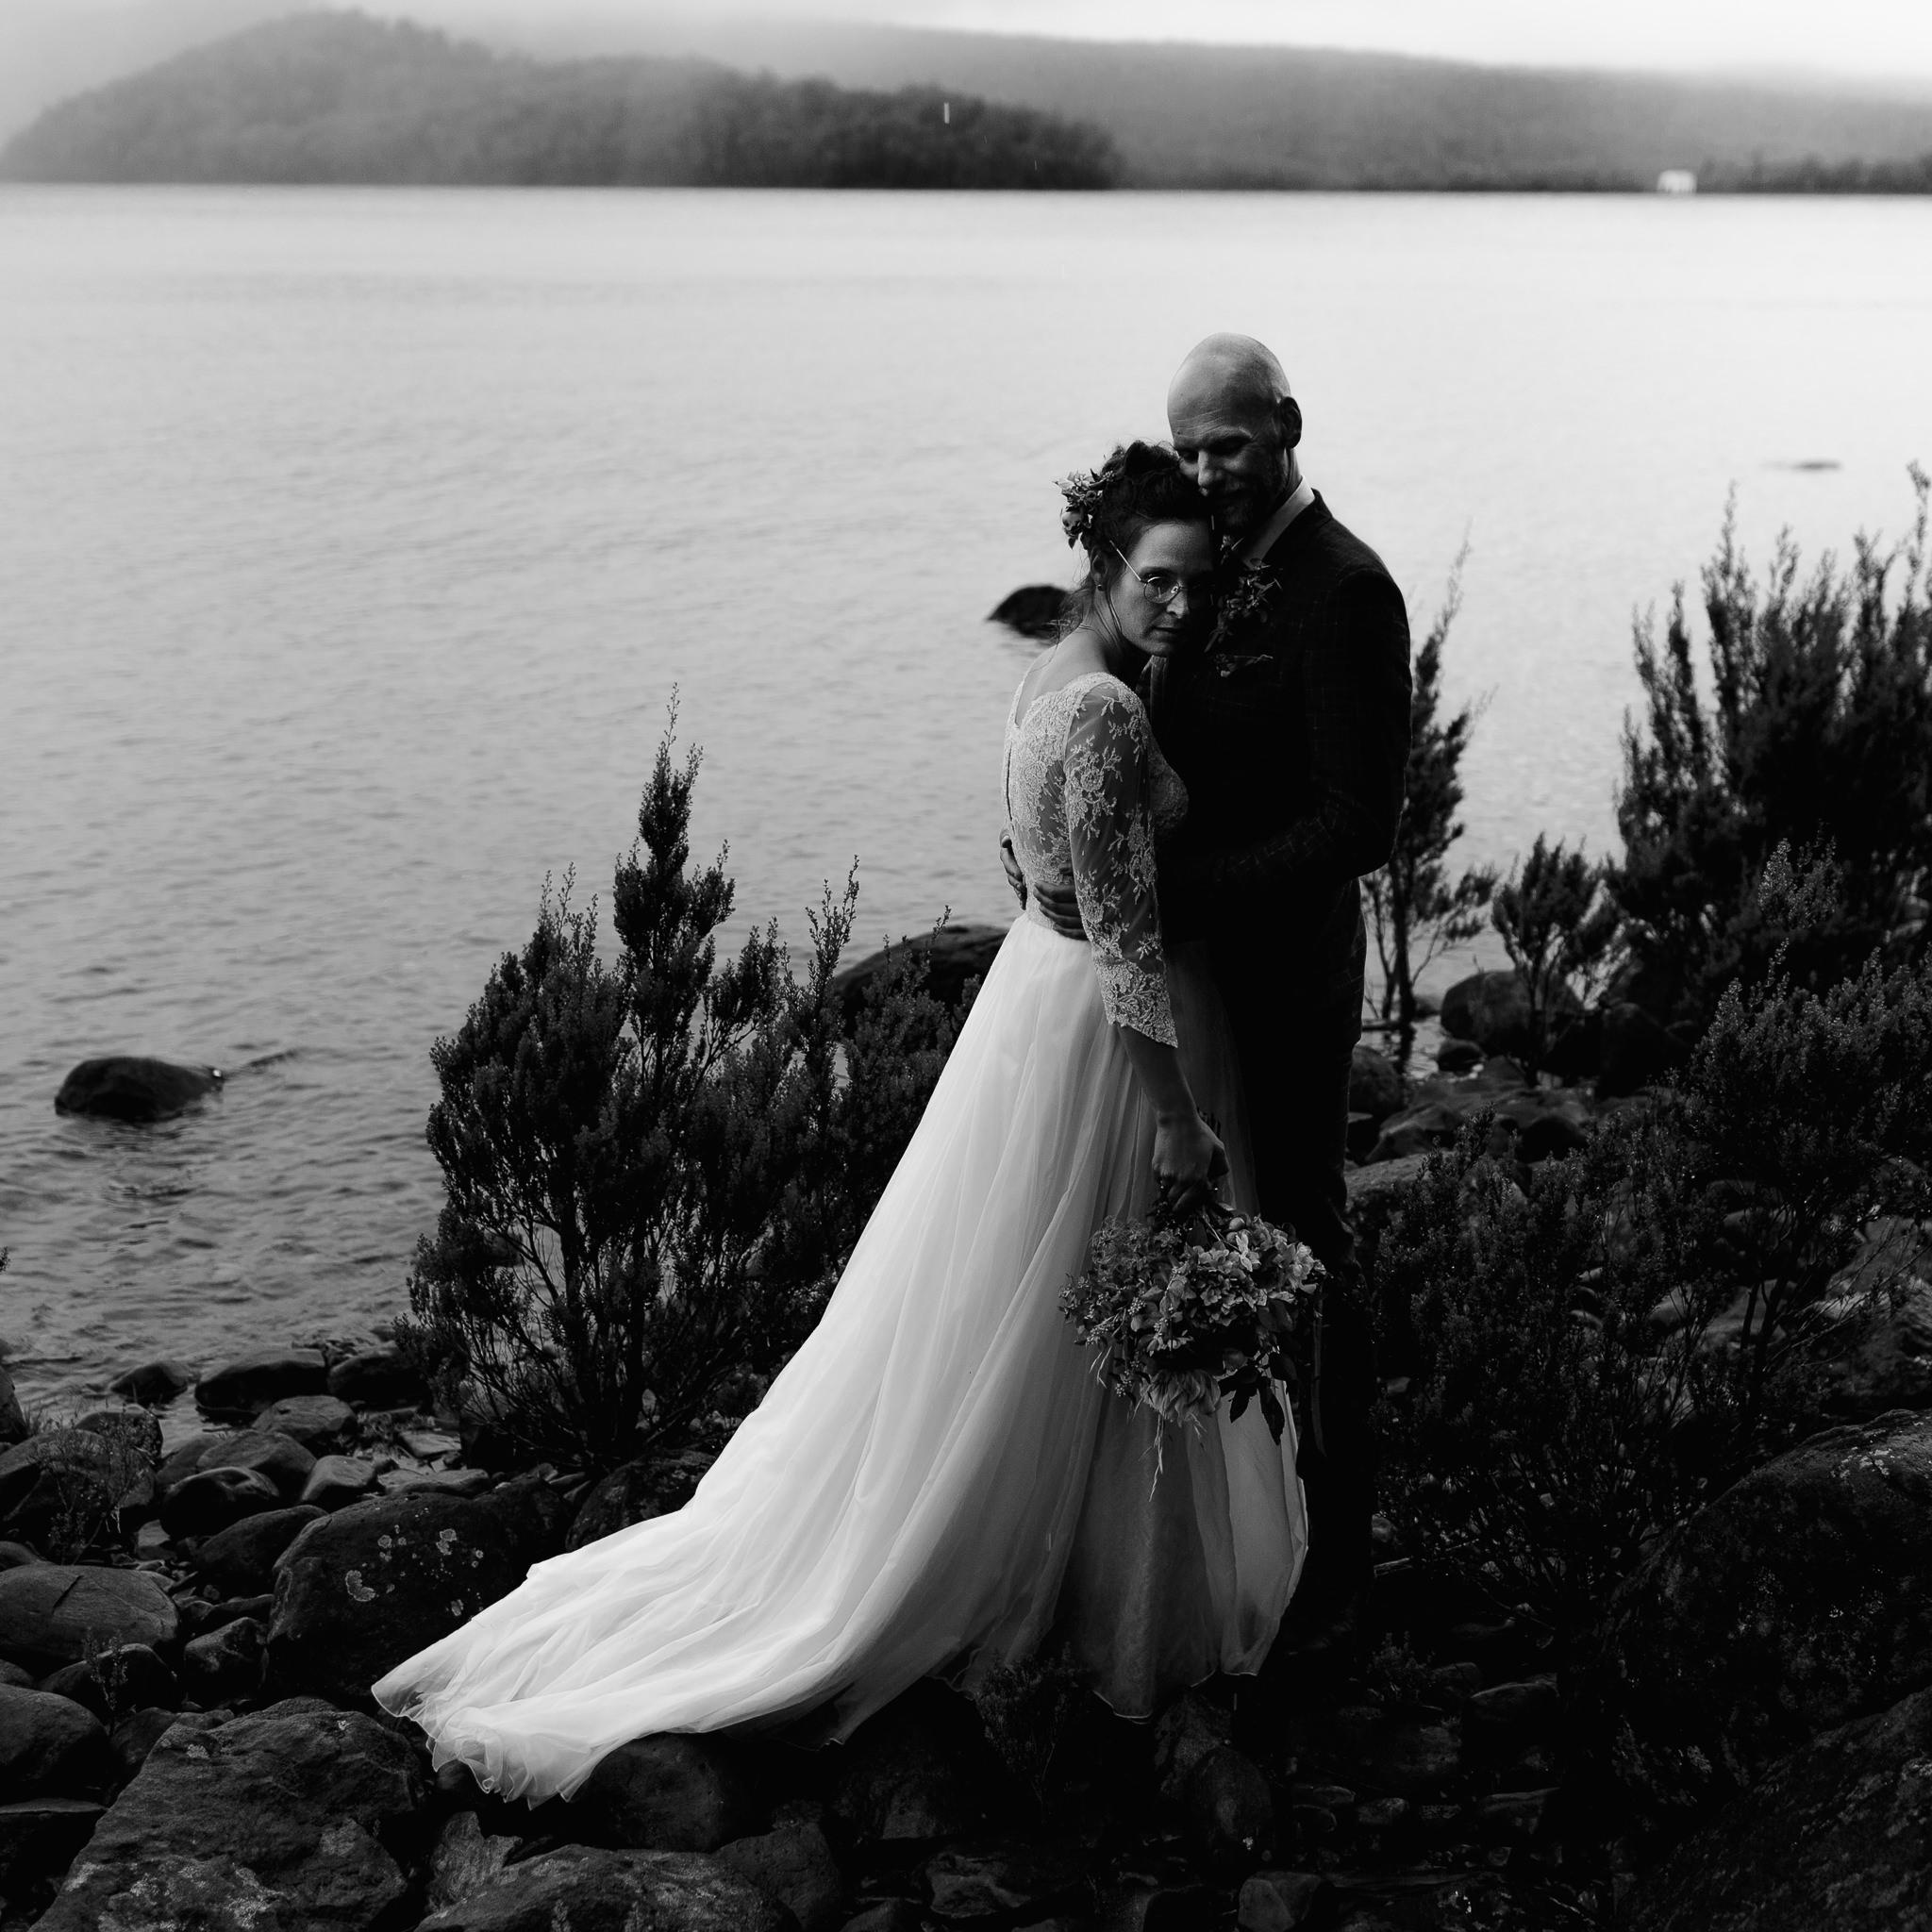 Pumphouse_Point_wedding_photography_elopement629.JPG